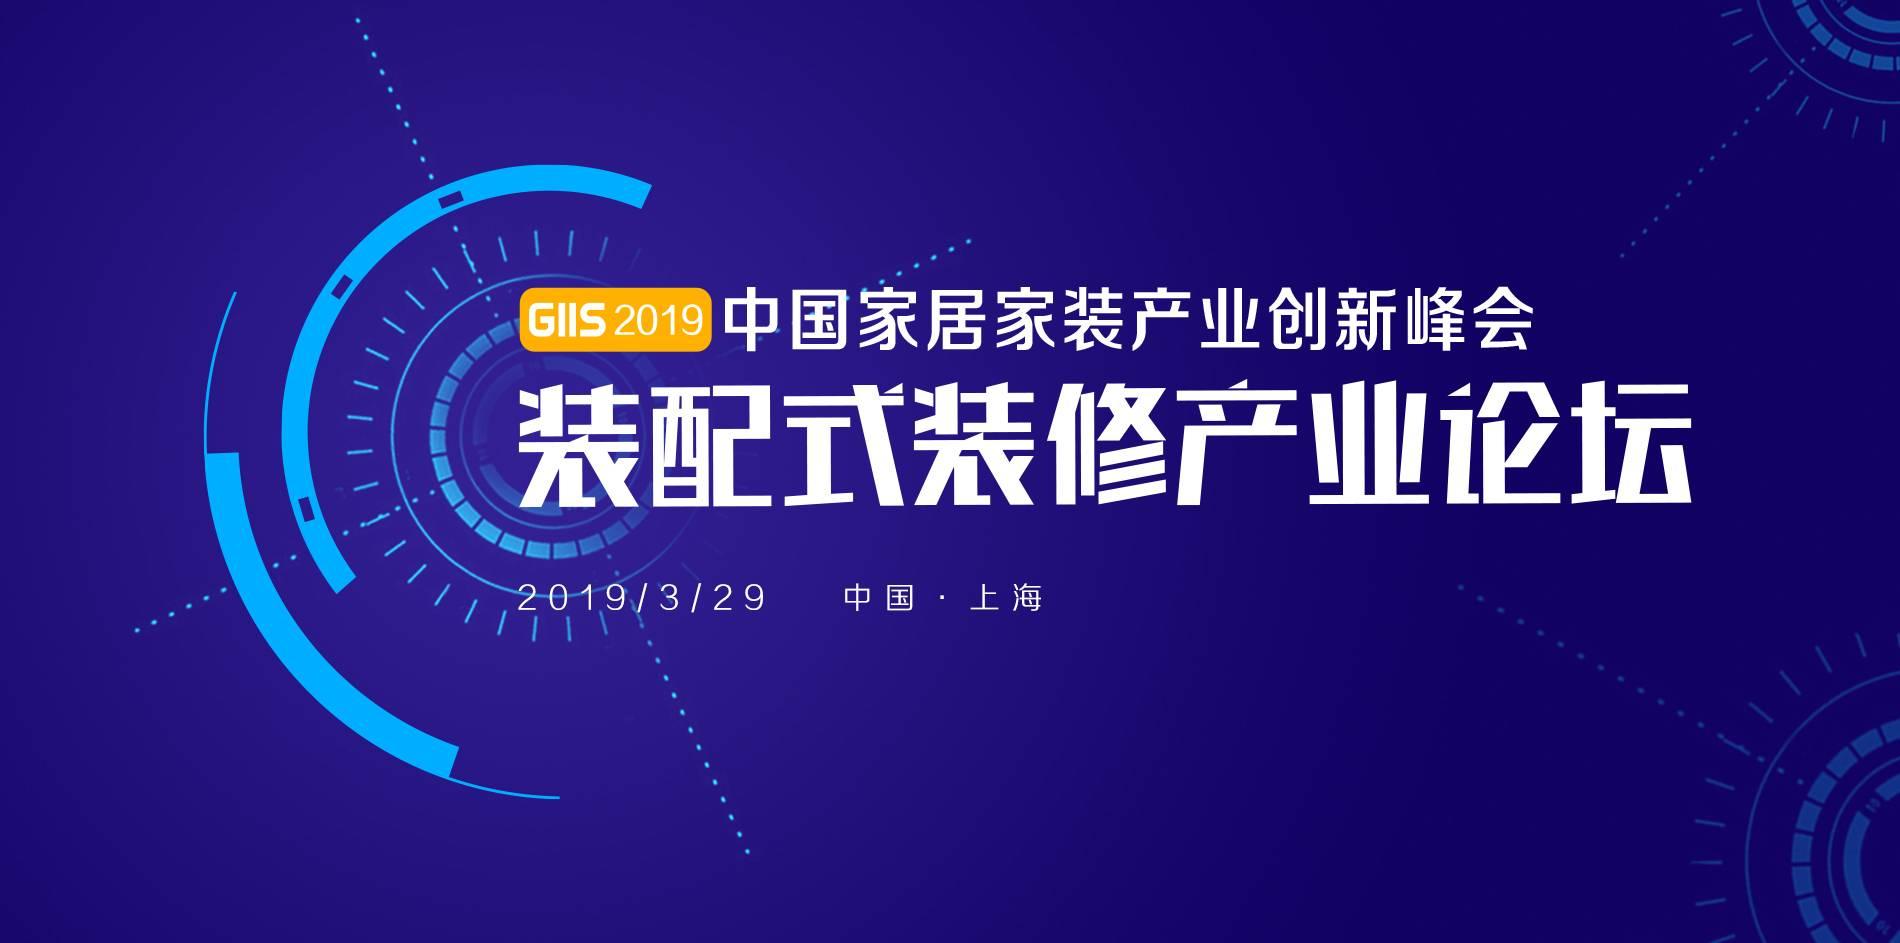 【活动】GIIS 2019中国家居家装产业创新峰会·装配式装修产业论坛-亿欧